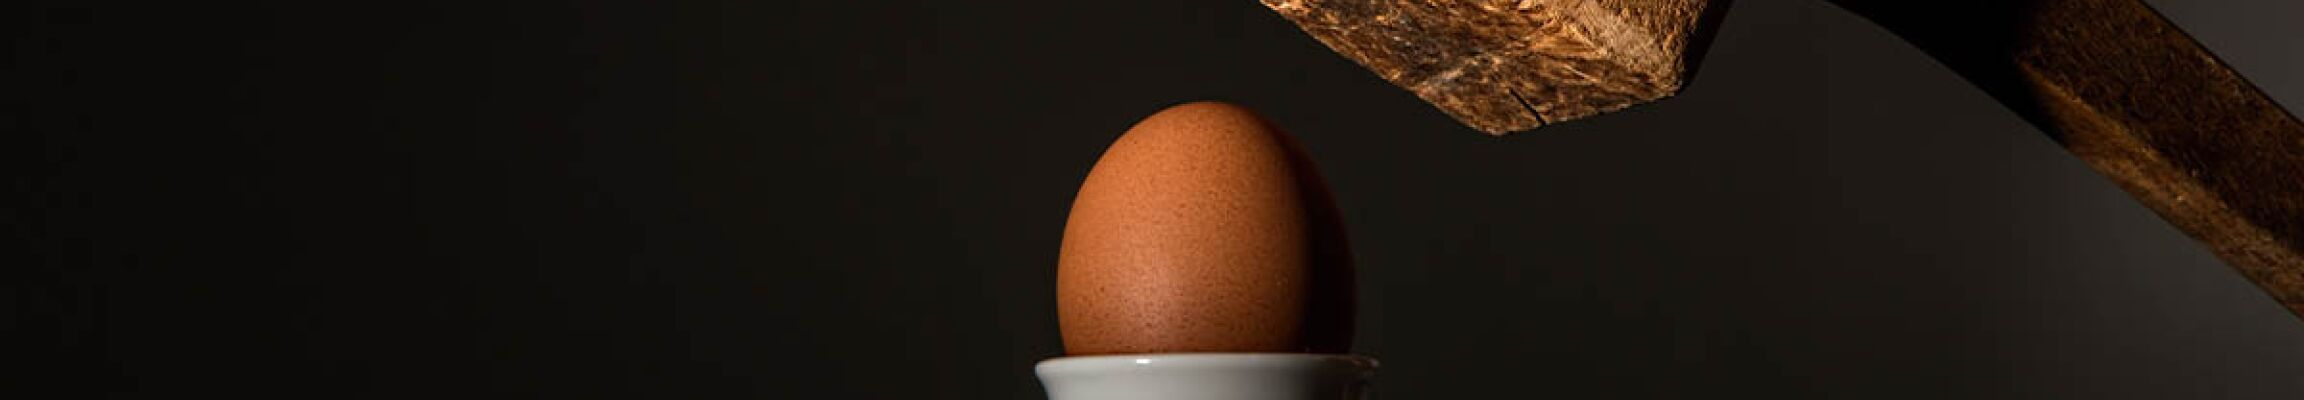 Cholesterin Ei - Was ist Cholesterin?